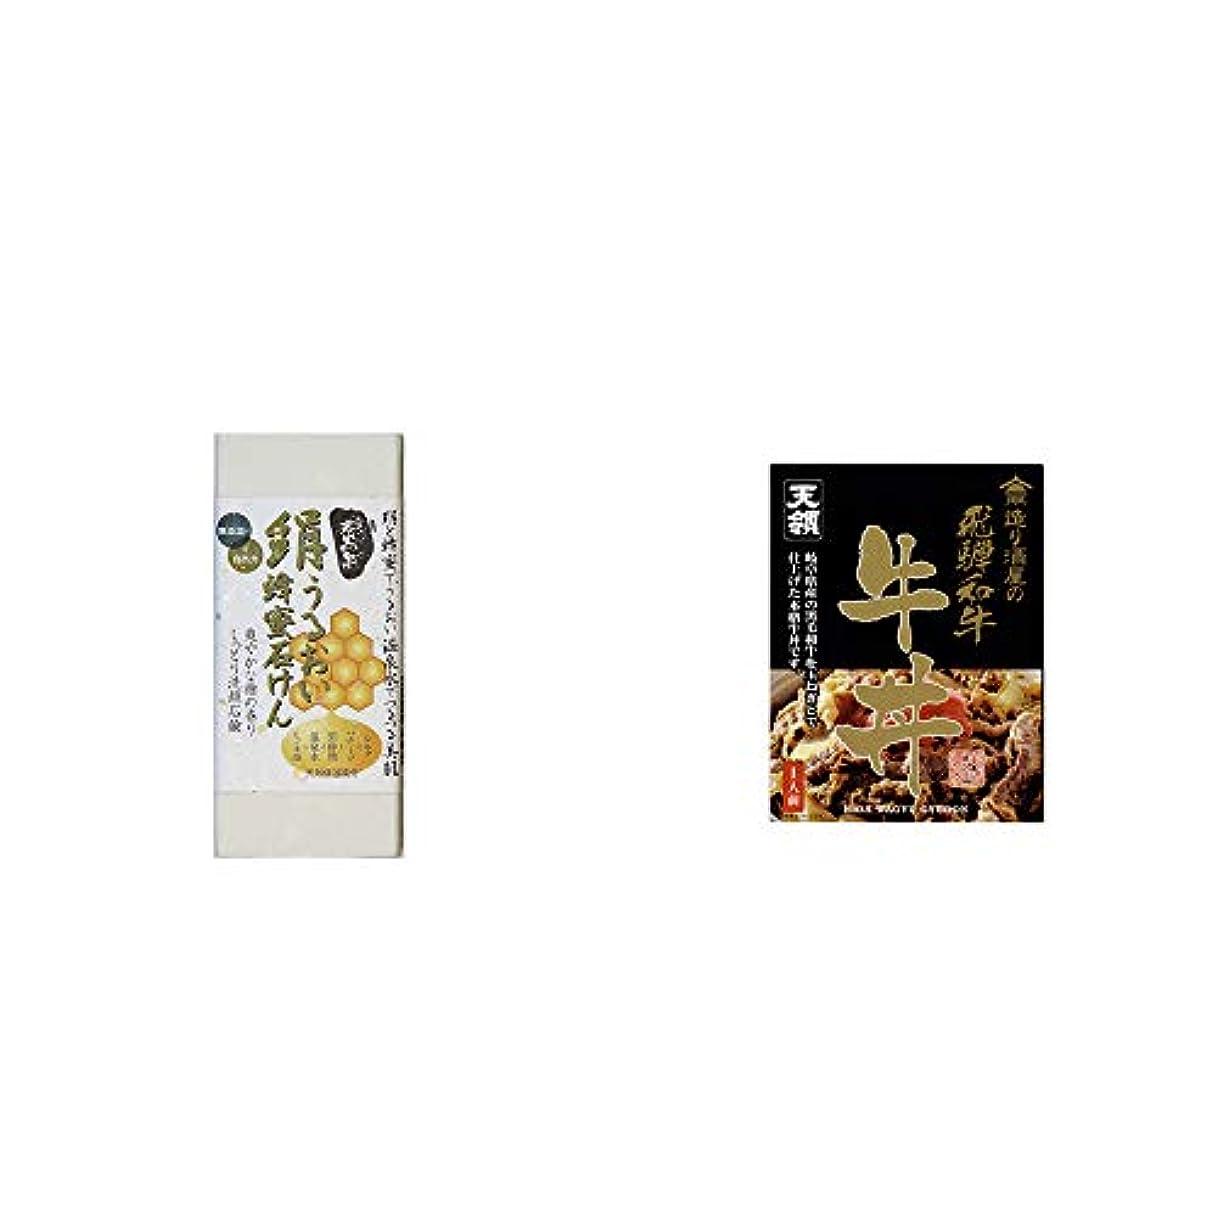 結核国歌連鎖[2点セット] ひのき炭黒泉 絹うるおい蜂蜜石けん(75g×2)?天領酒造 造り酒屋の飛騨和牛 牛丼(1人前)